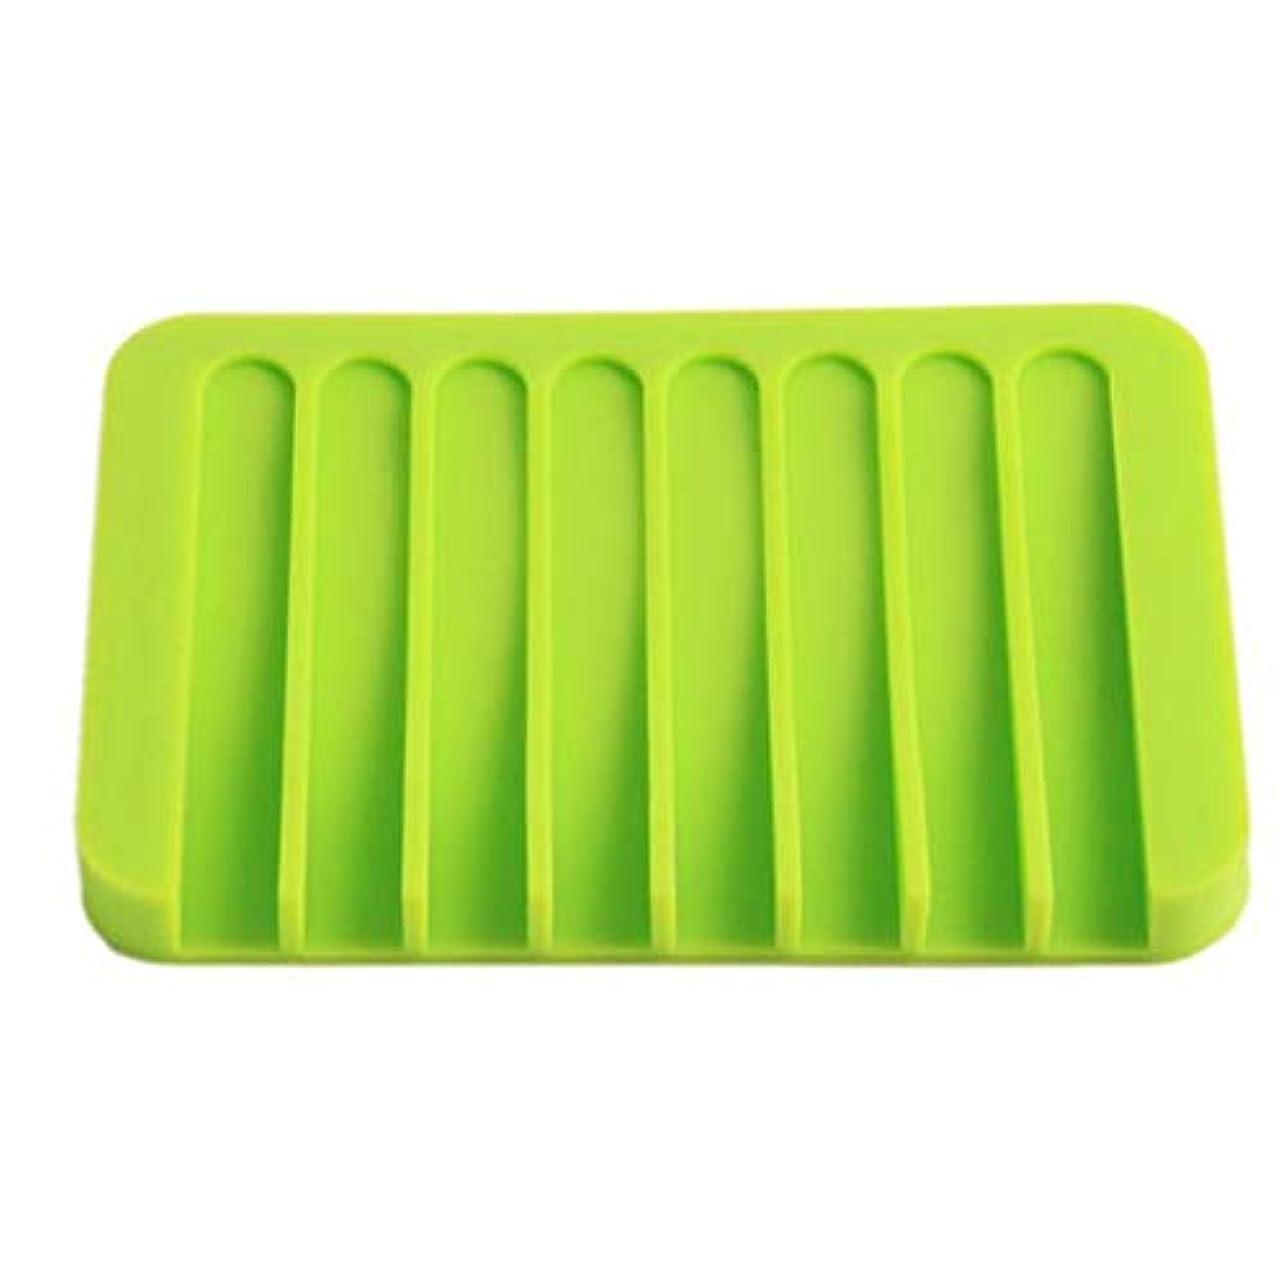 呪われたファイバ類推Onior プレミアム品質のシリコーン浴室柔軟な石鹸皿ソープホルダー収納ソープボックスプレートトレイ排水、グリーン